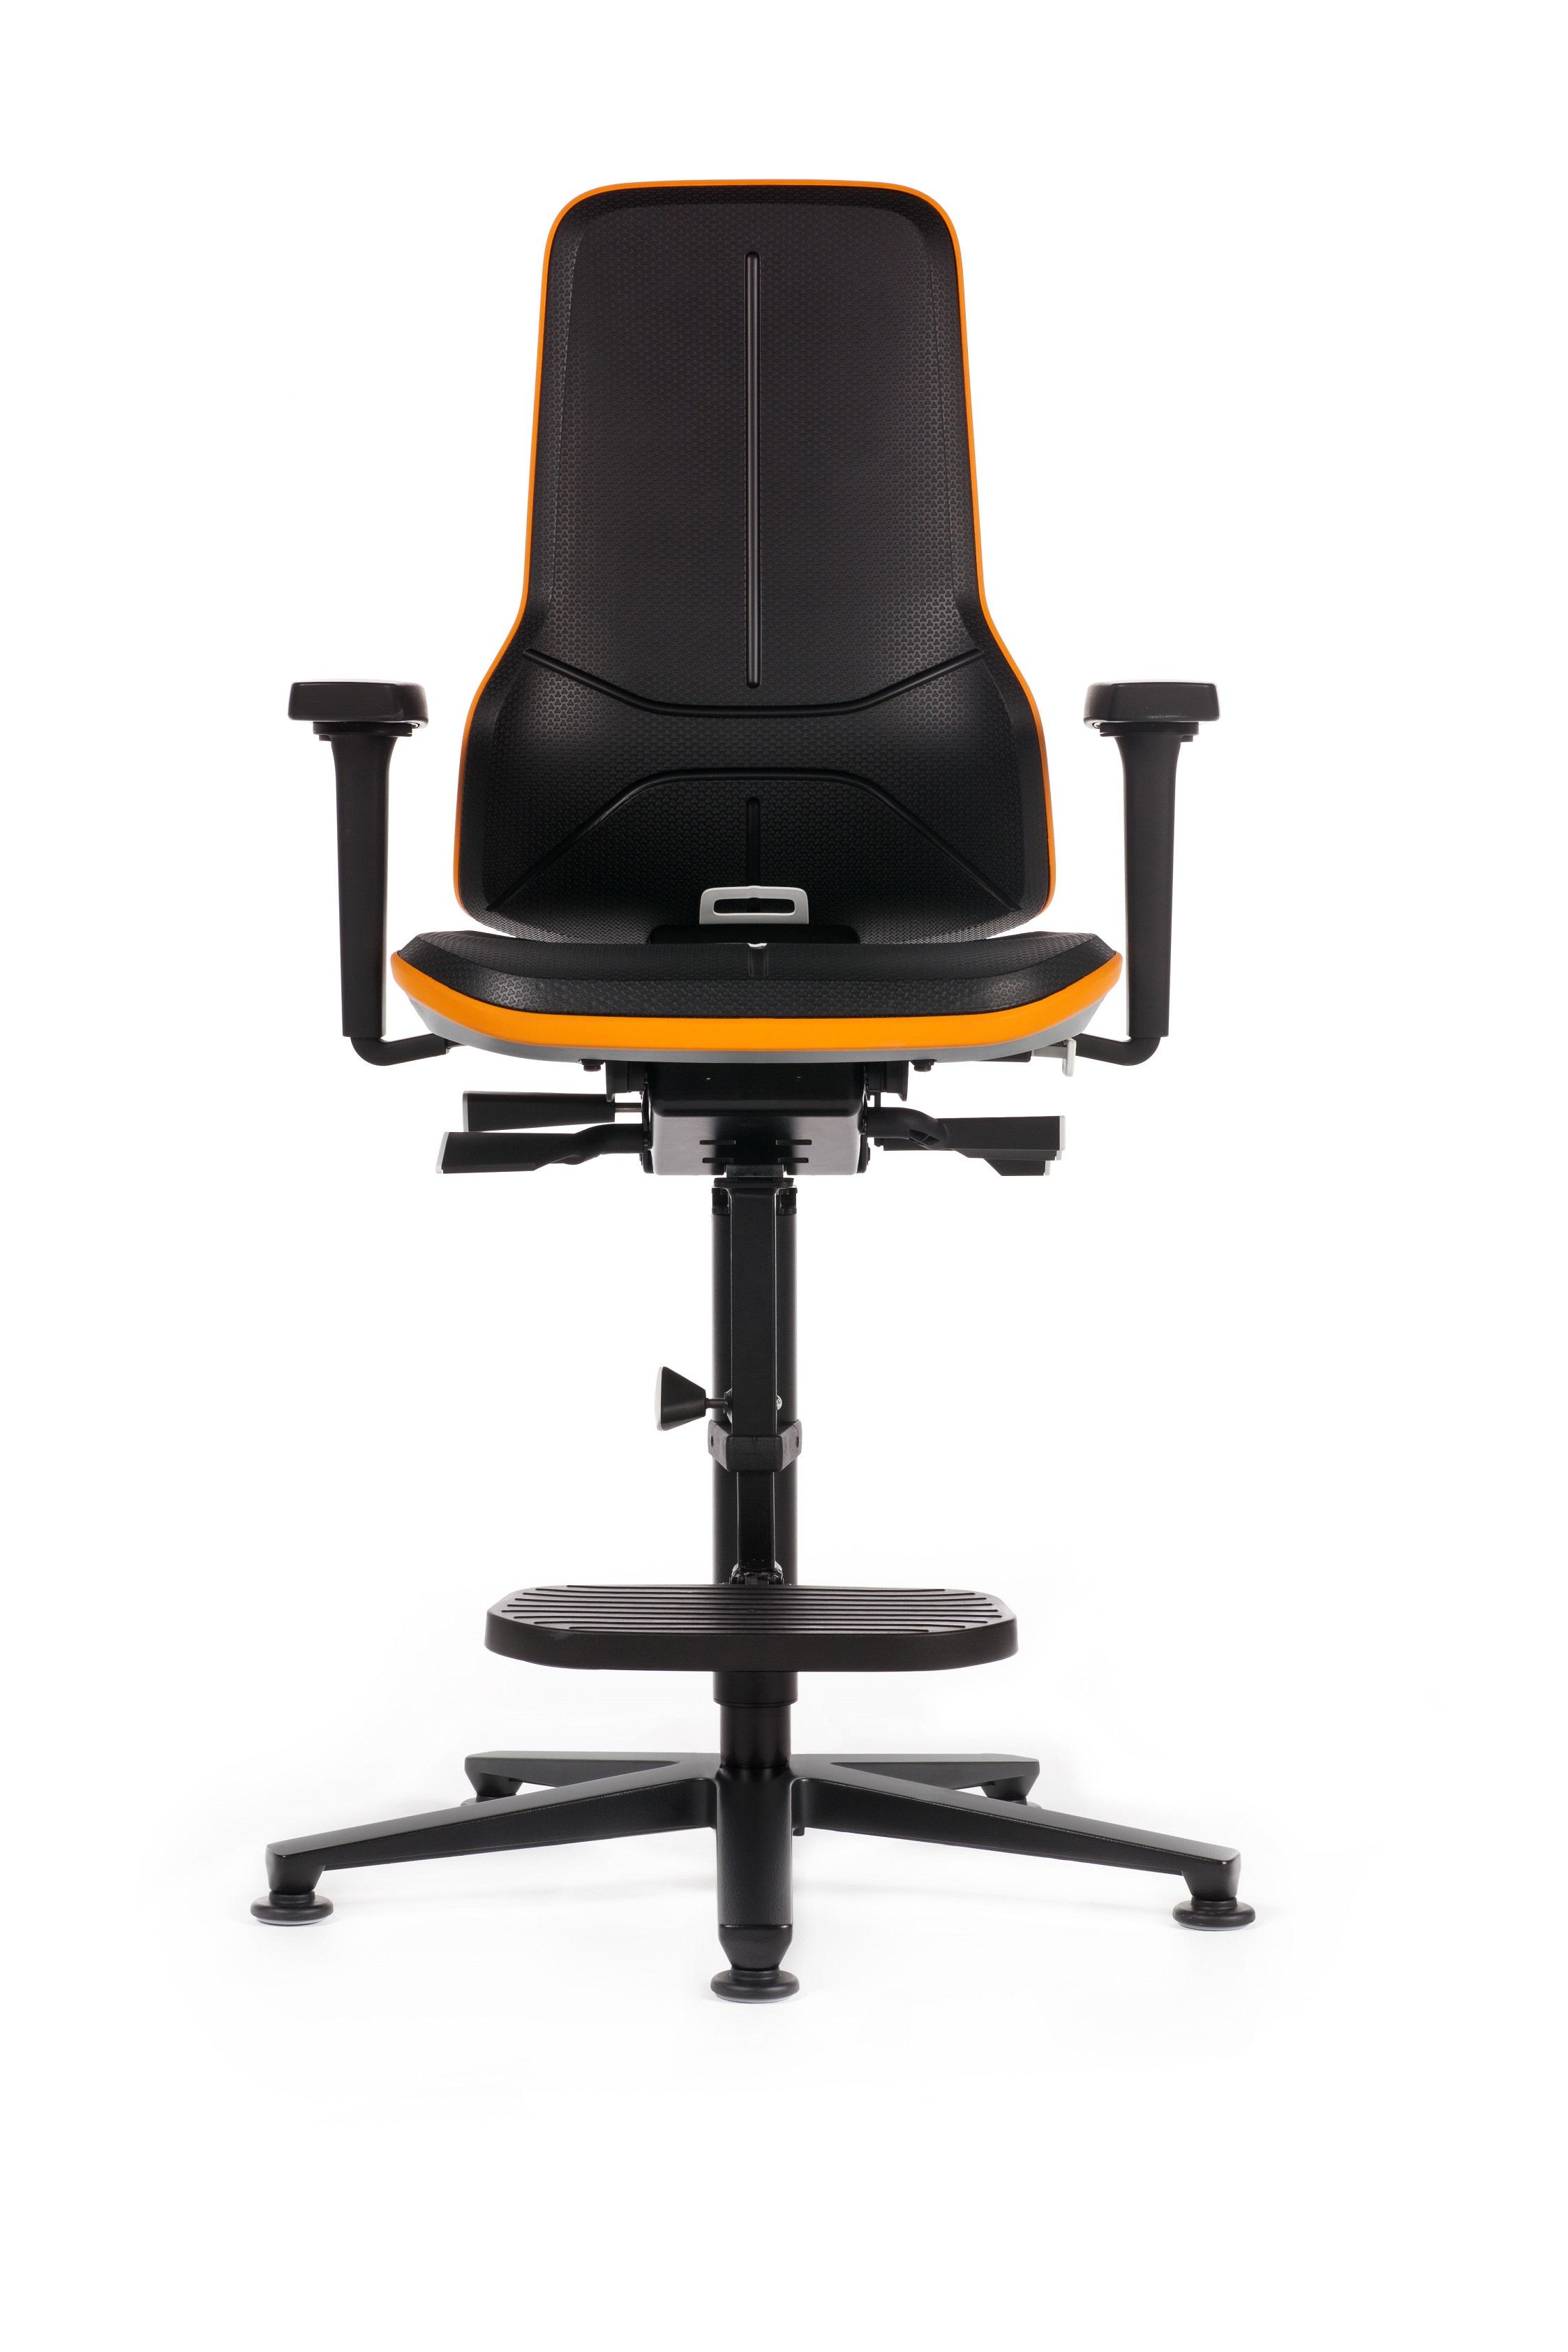 Neon 3 stoel, flexband oranje,  kunstleder,besch.hoes,voetring